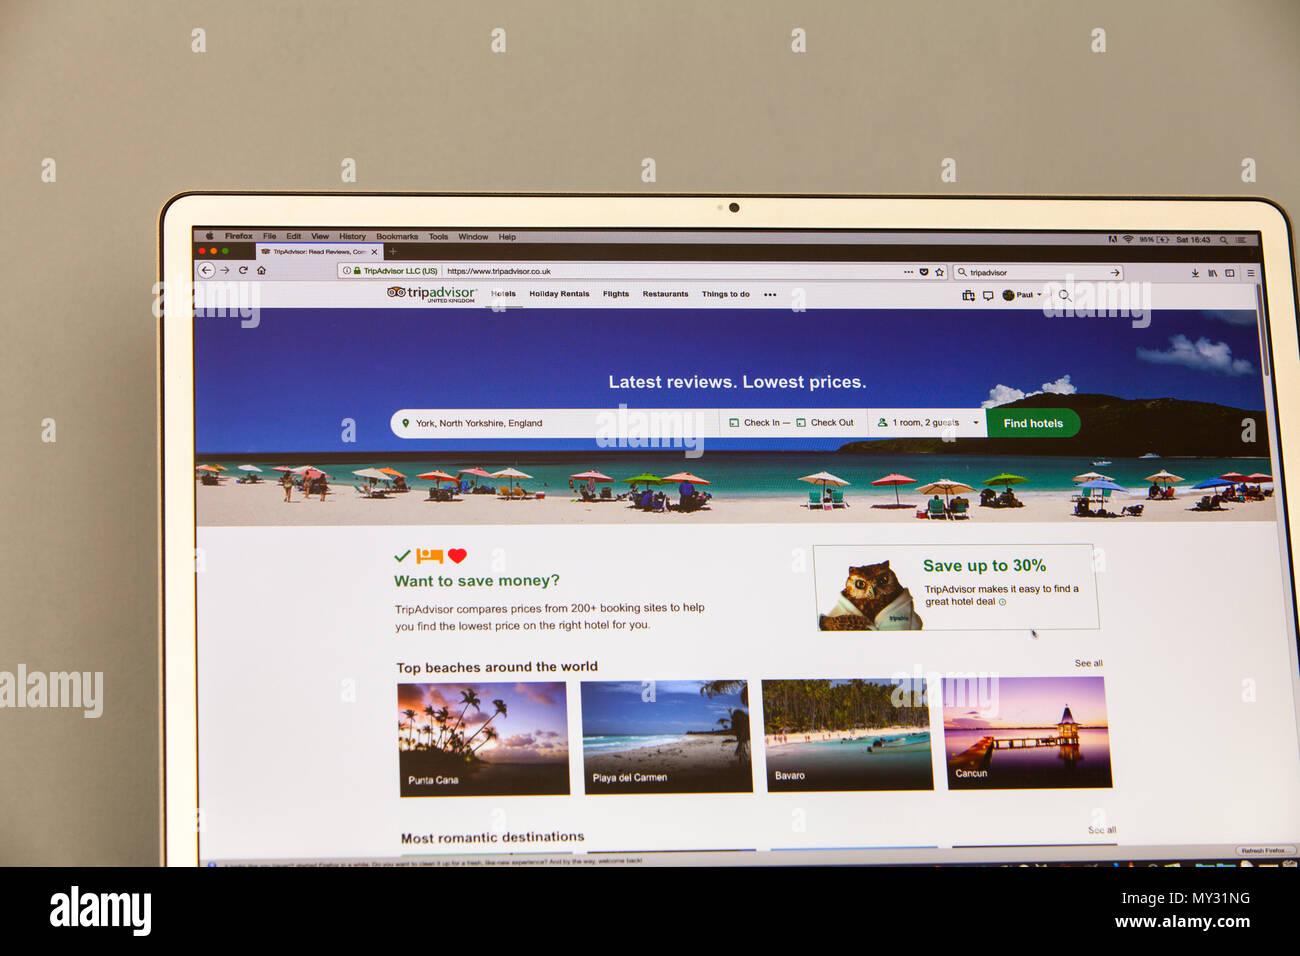 Tripadvisor, site web de voyage et d'un restaurant qui offre hôtel et restaurant reviews, Tripadvisor accueil page d'accueil, Tripadvisor, tripadvisor Photo Stock